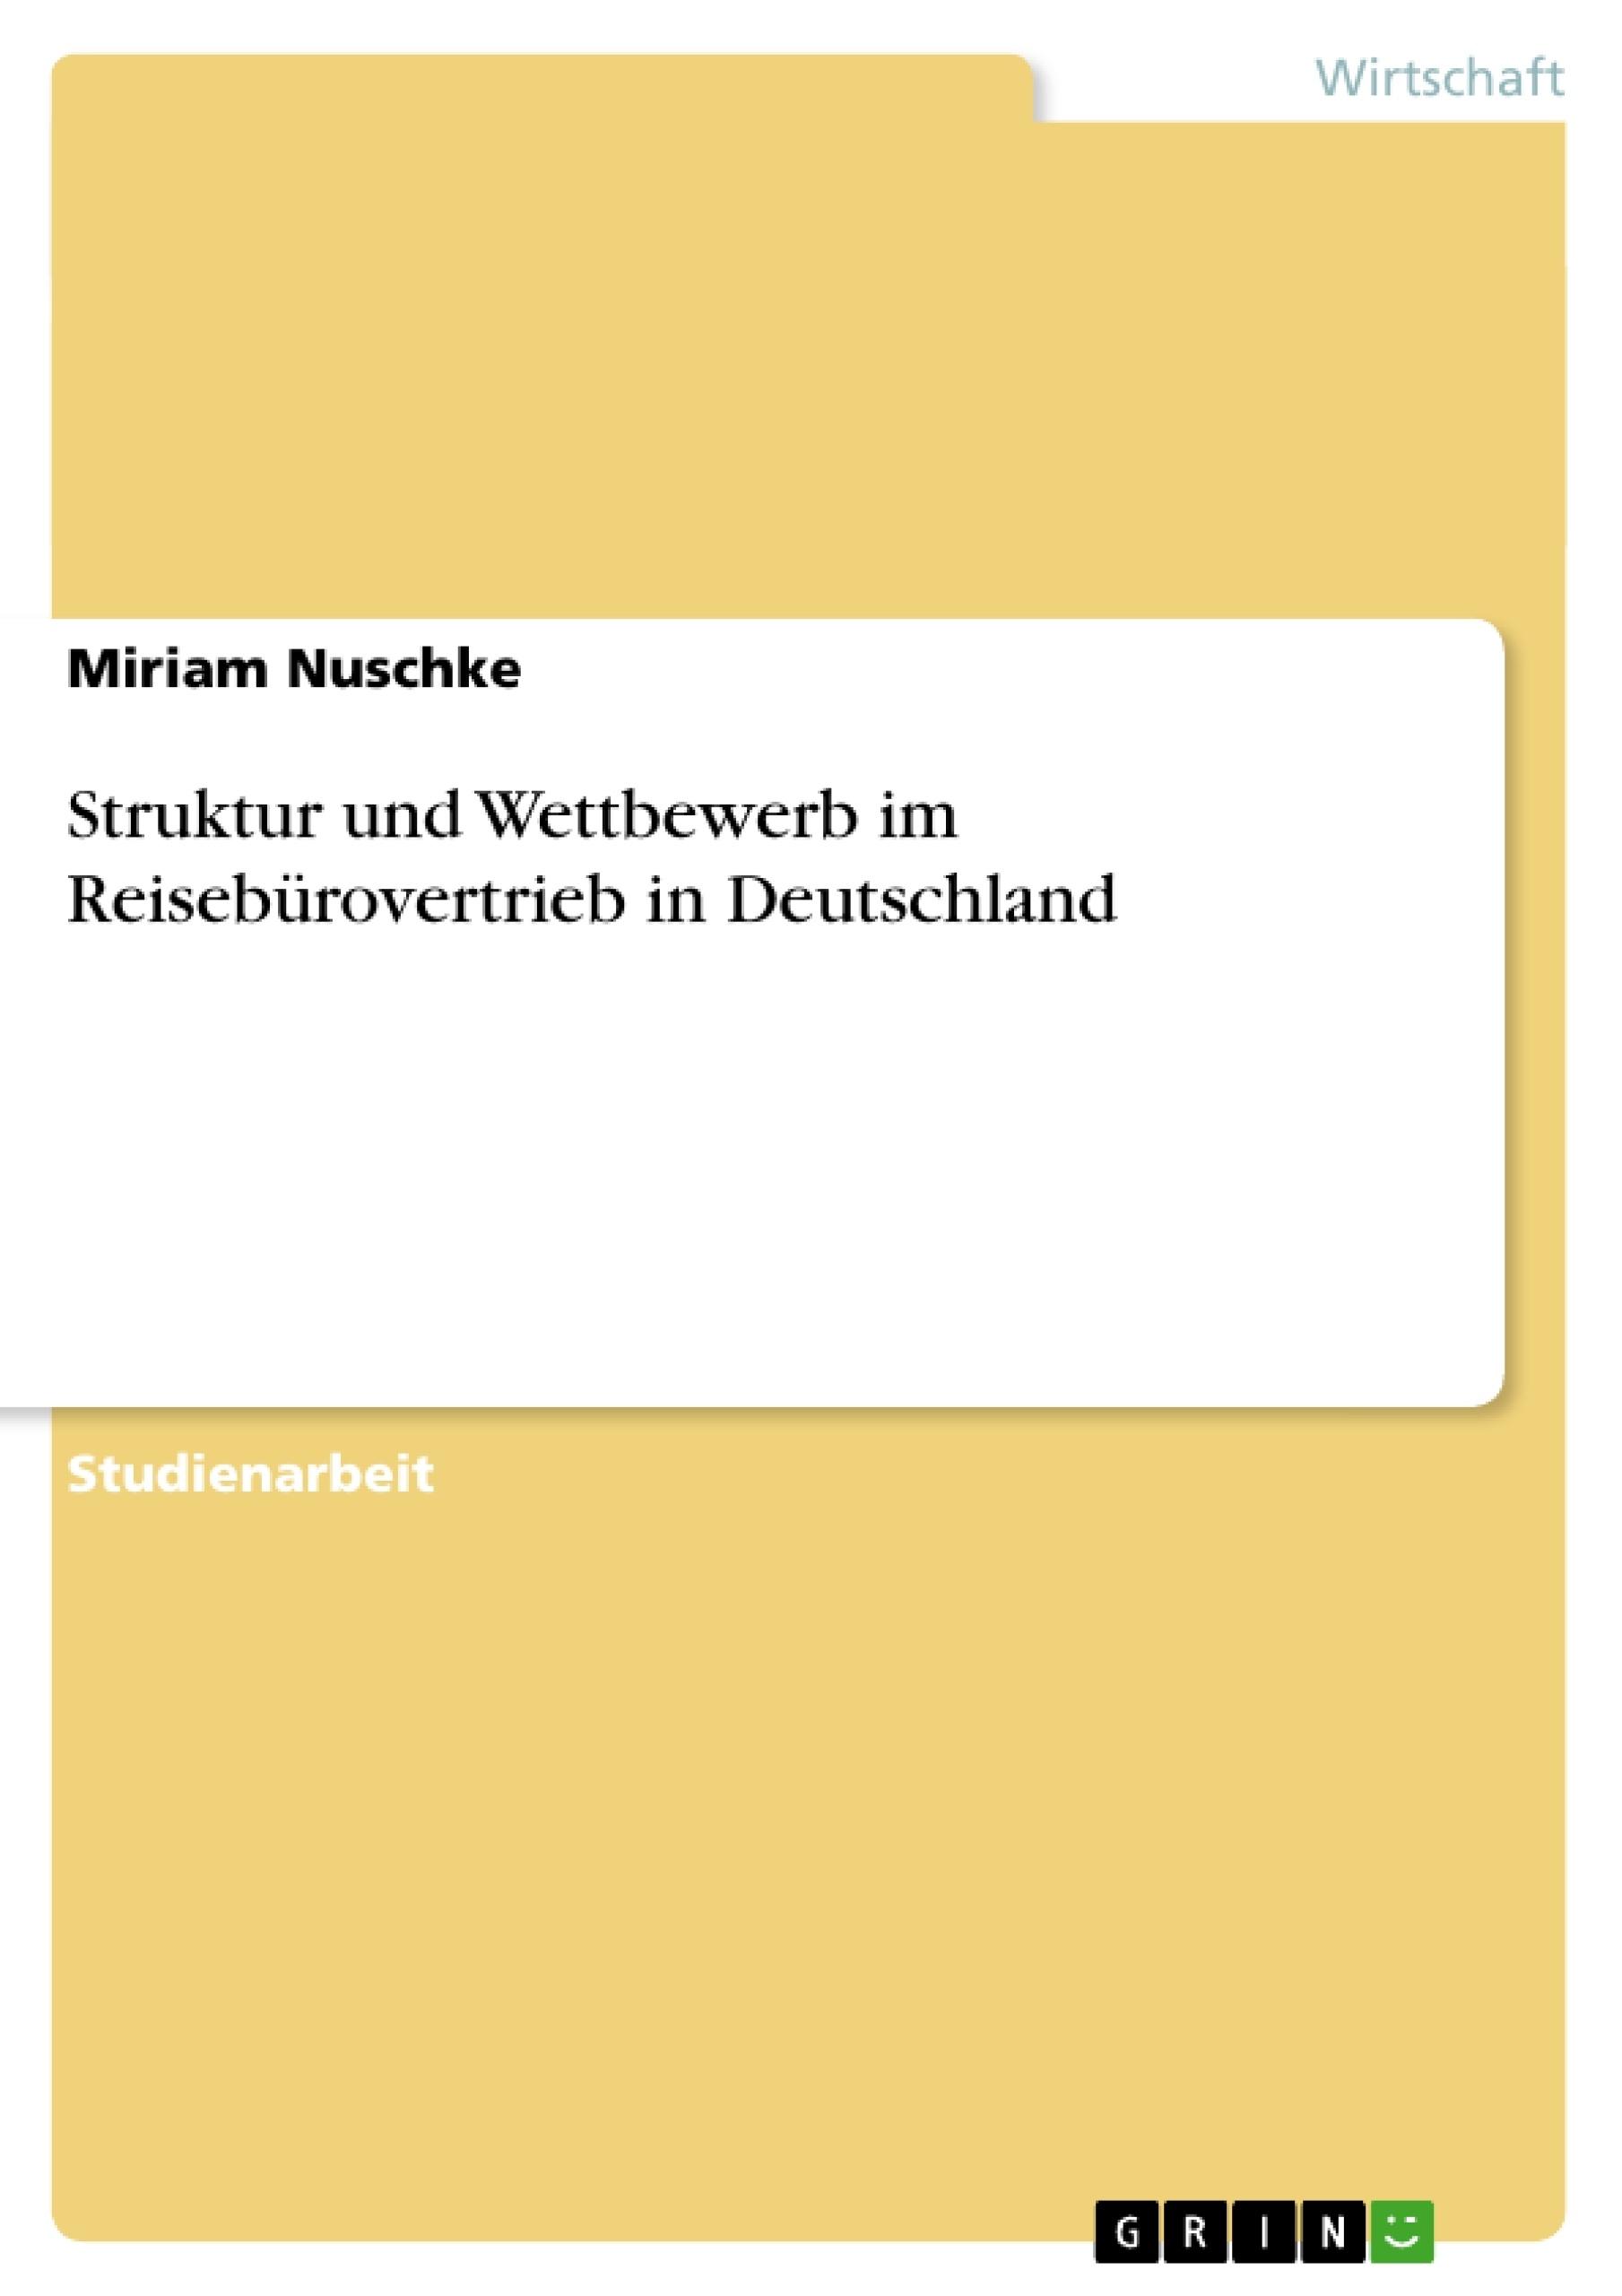 Titel: Struktur und Wettbewerb im Reisebürovertrieb in Deutschland